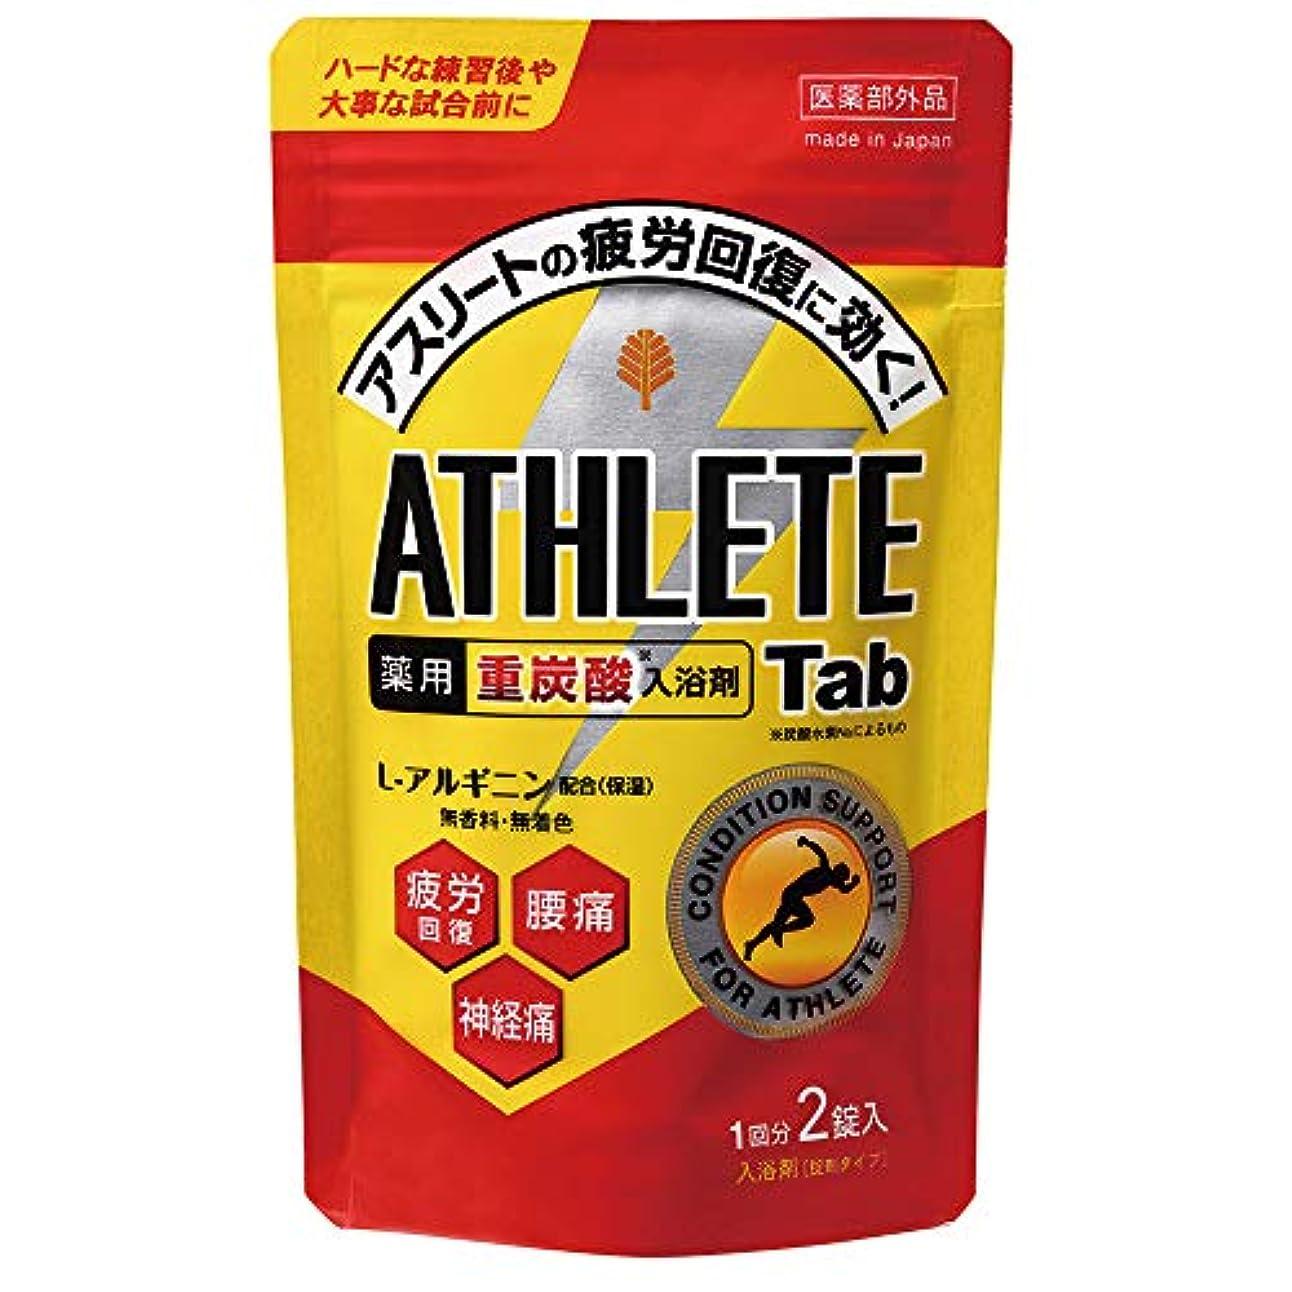 船酔い古代消費者日本製 made in japan 薬用 ATHLETE Tab2錠x1パック BT-8572 【まとめ買い12個セット】